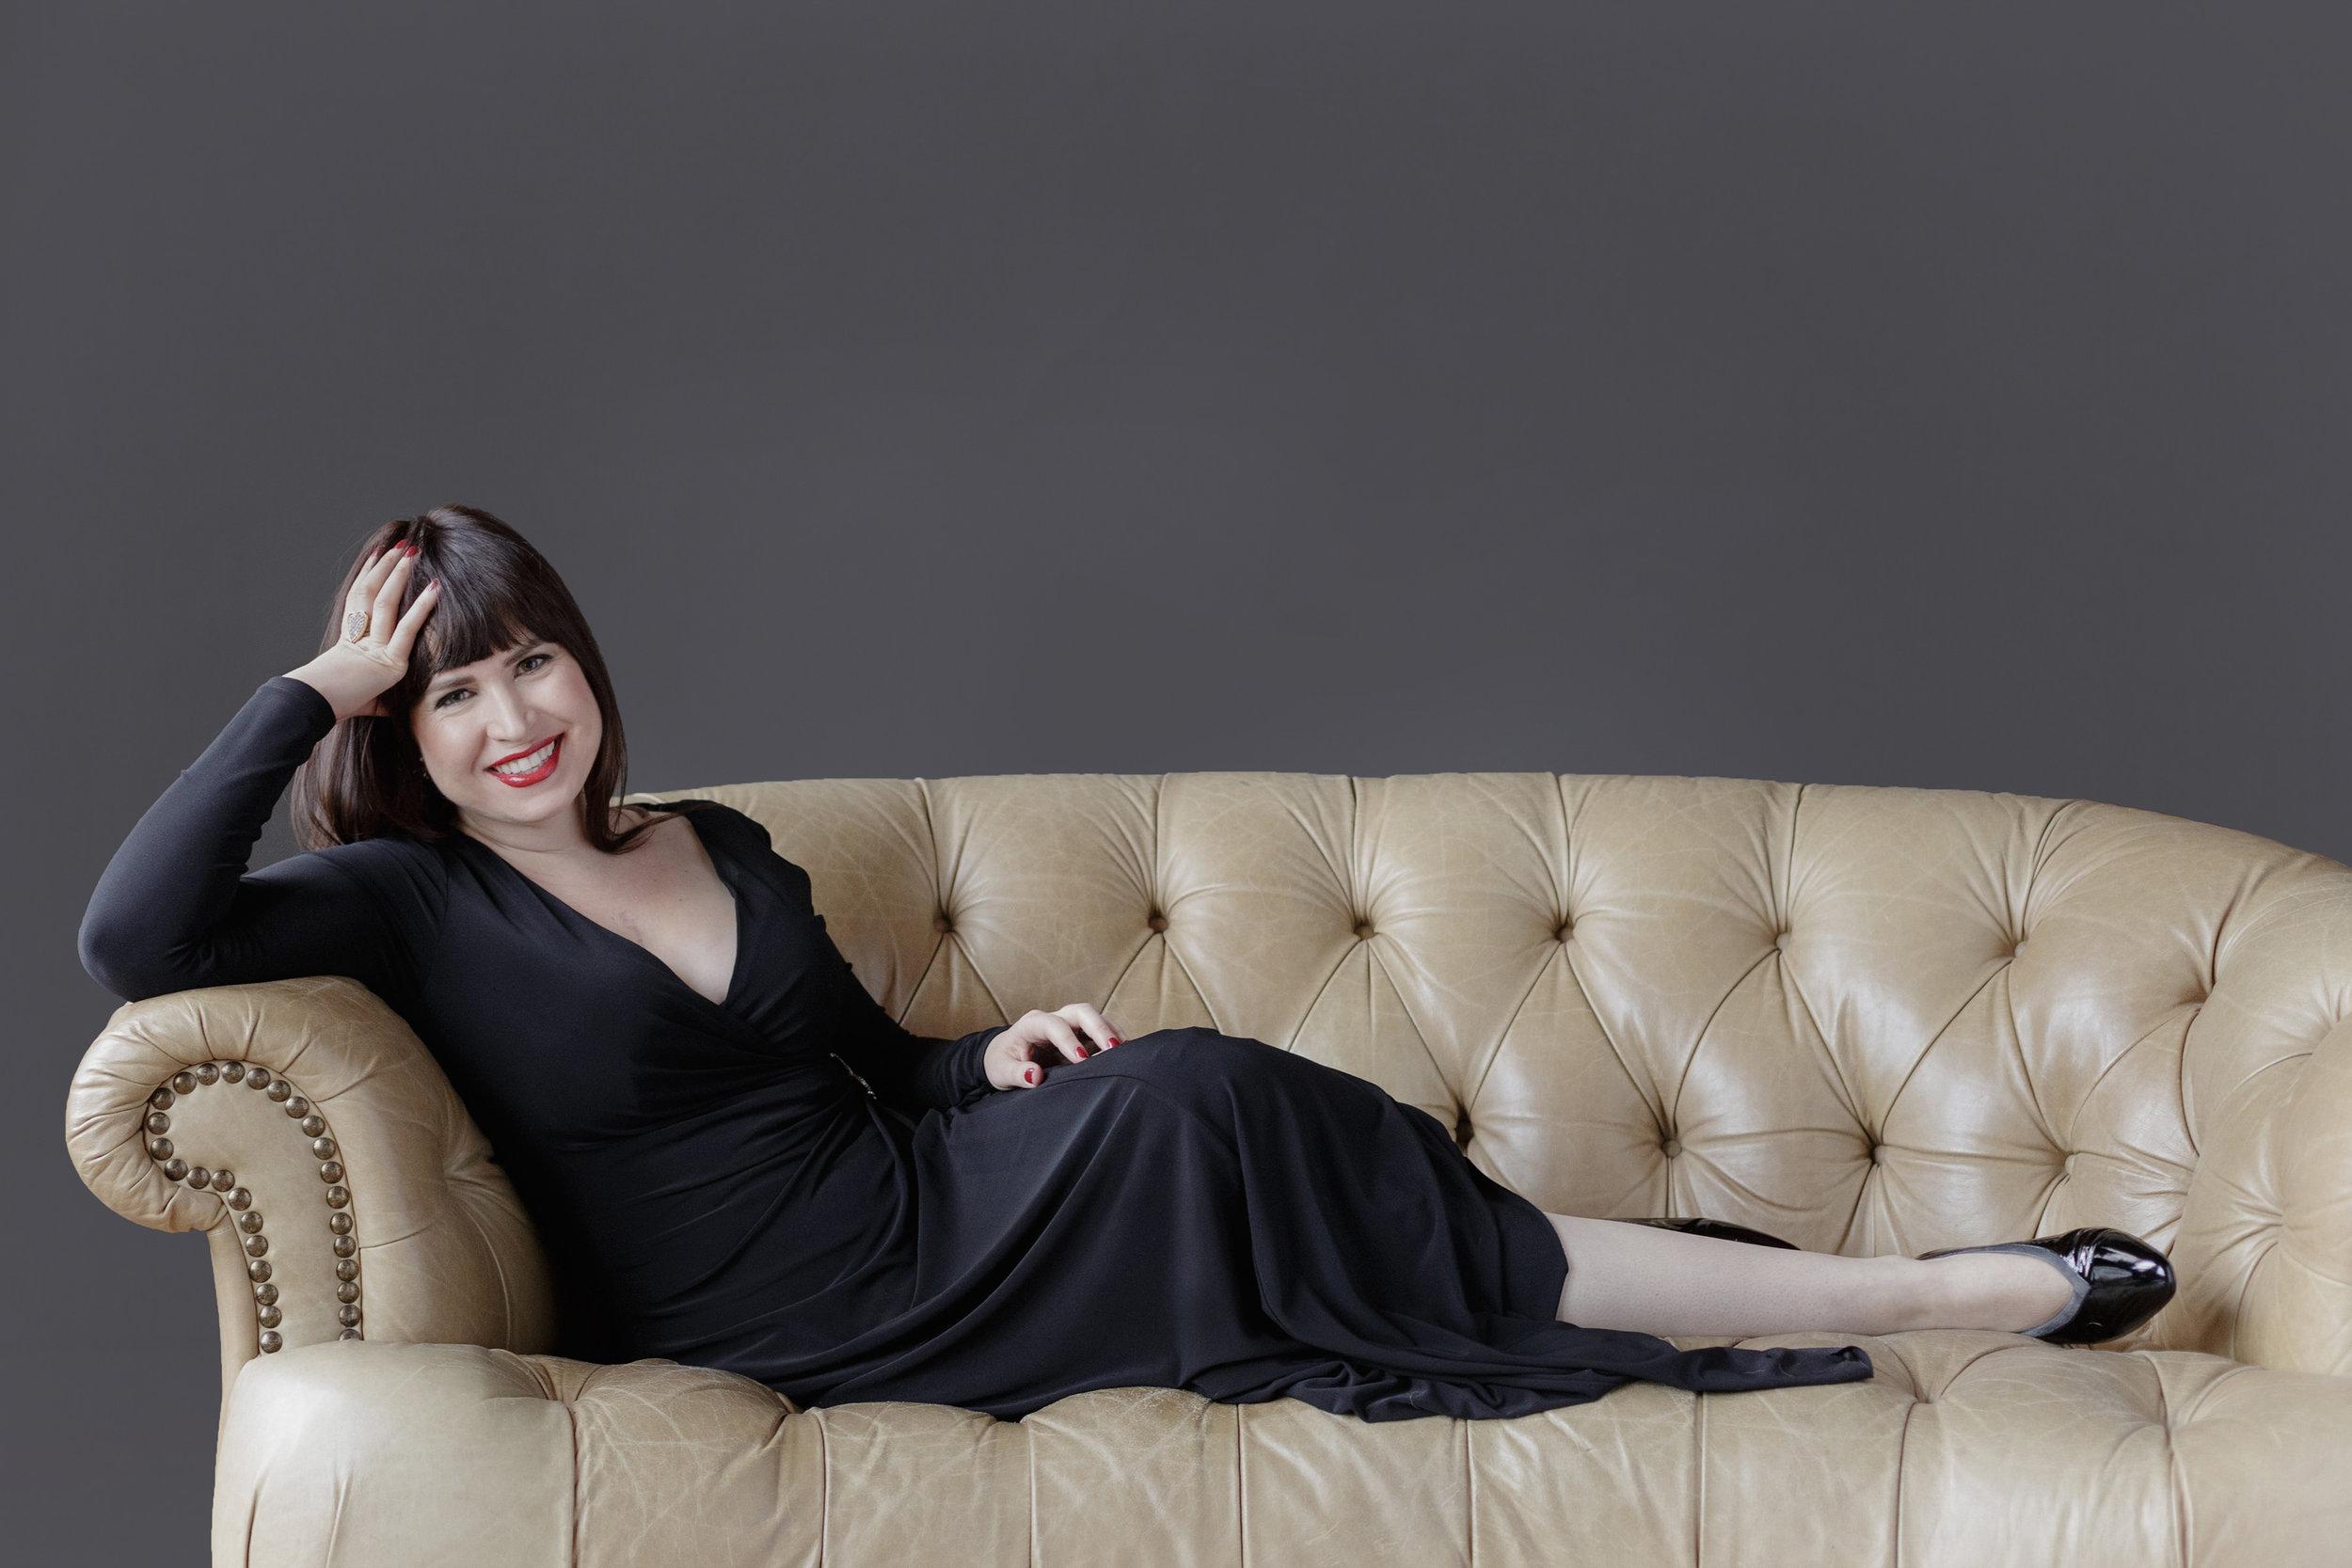 boston modern glamour personal branding portrait singer